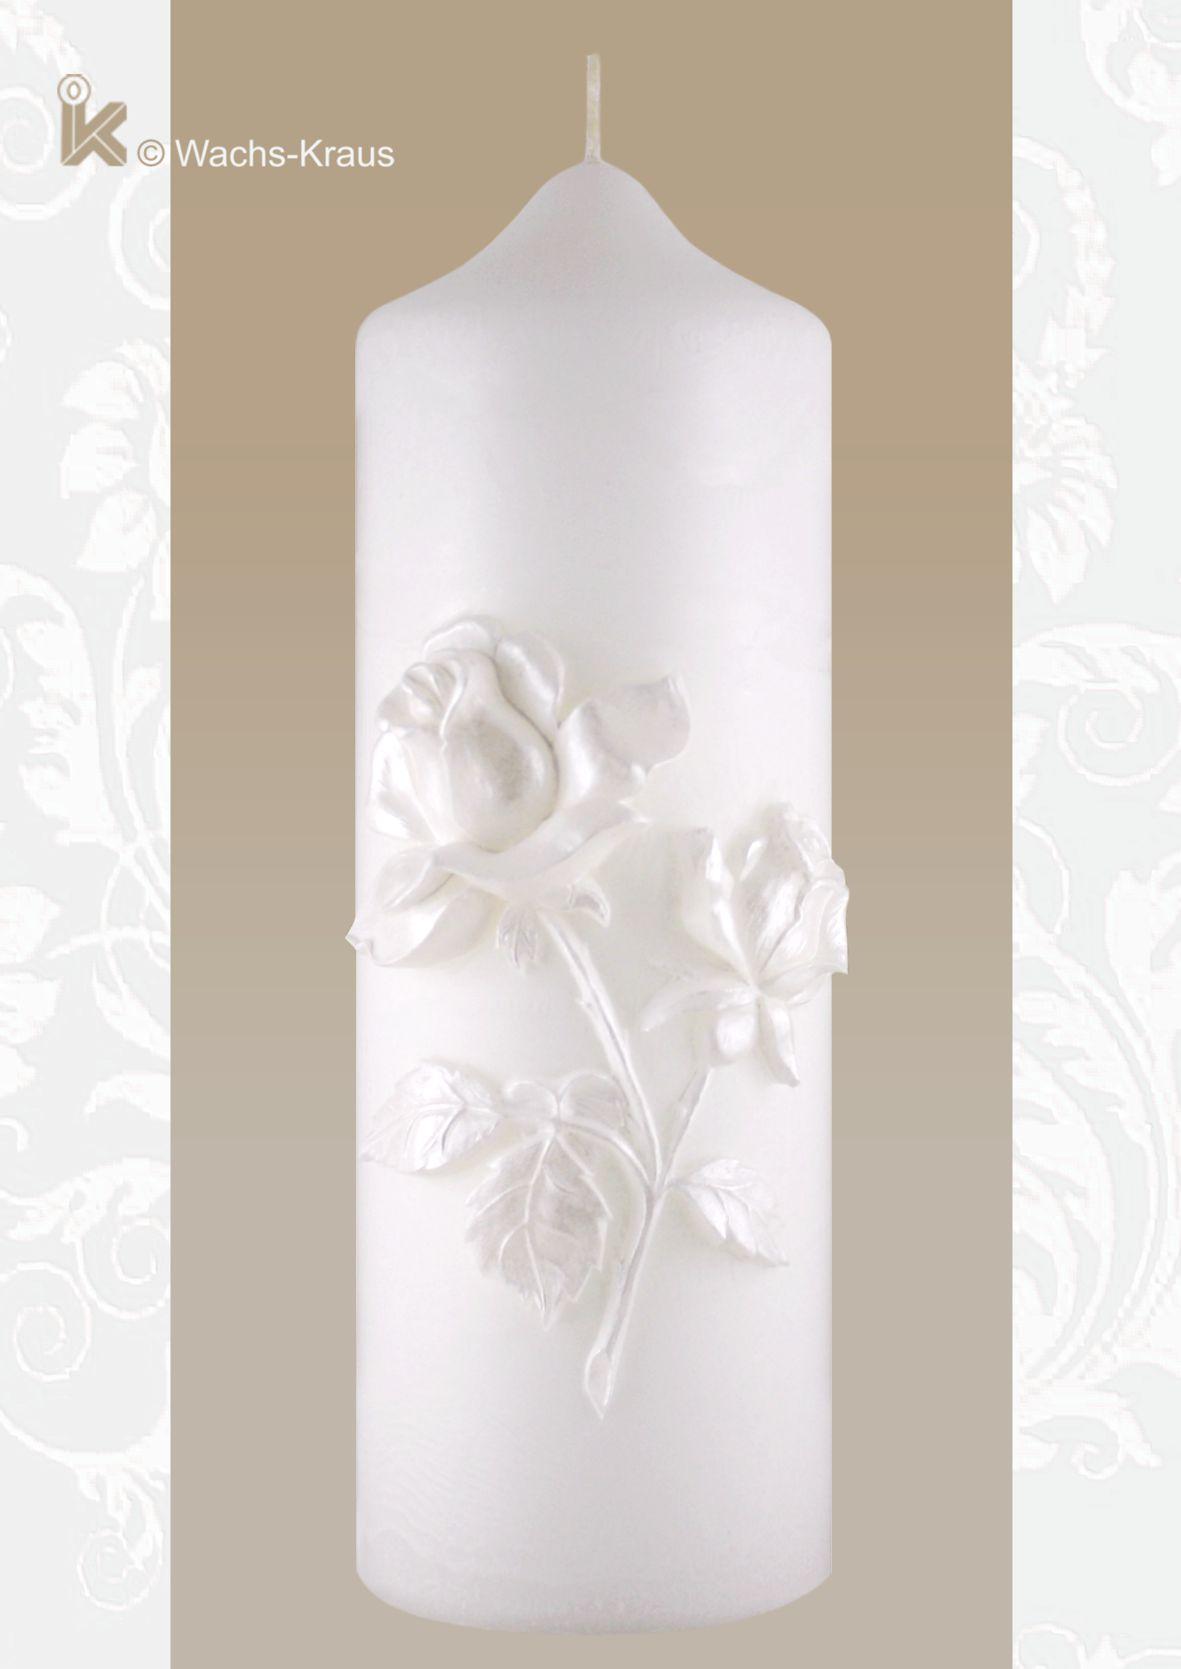 Ein Traum in weiß: Hochzeitskerze mit modellierter Rose